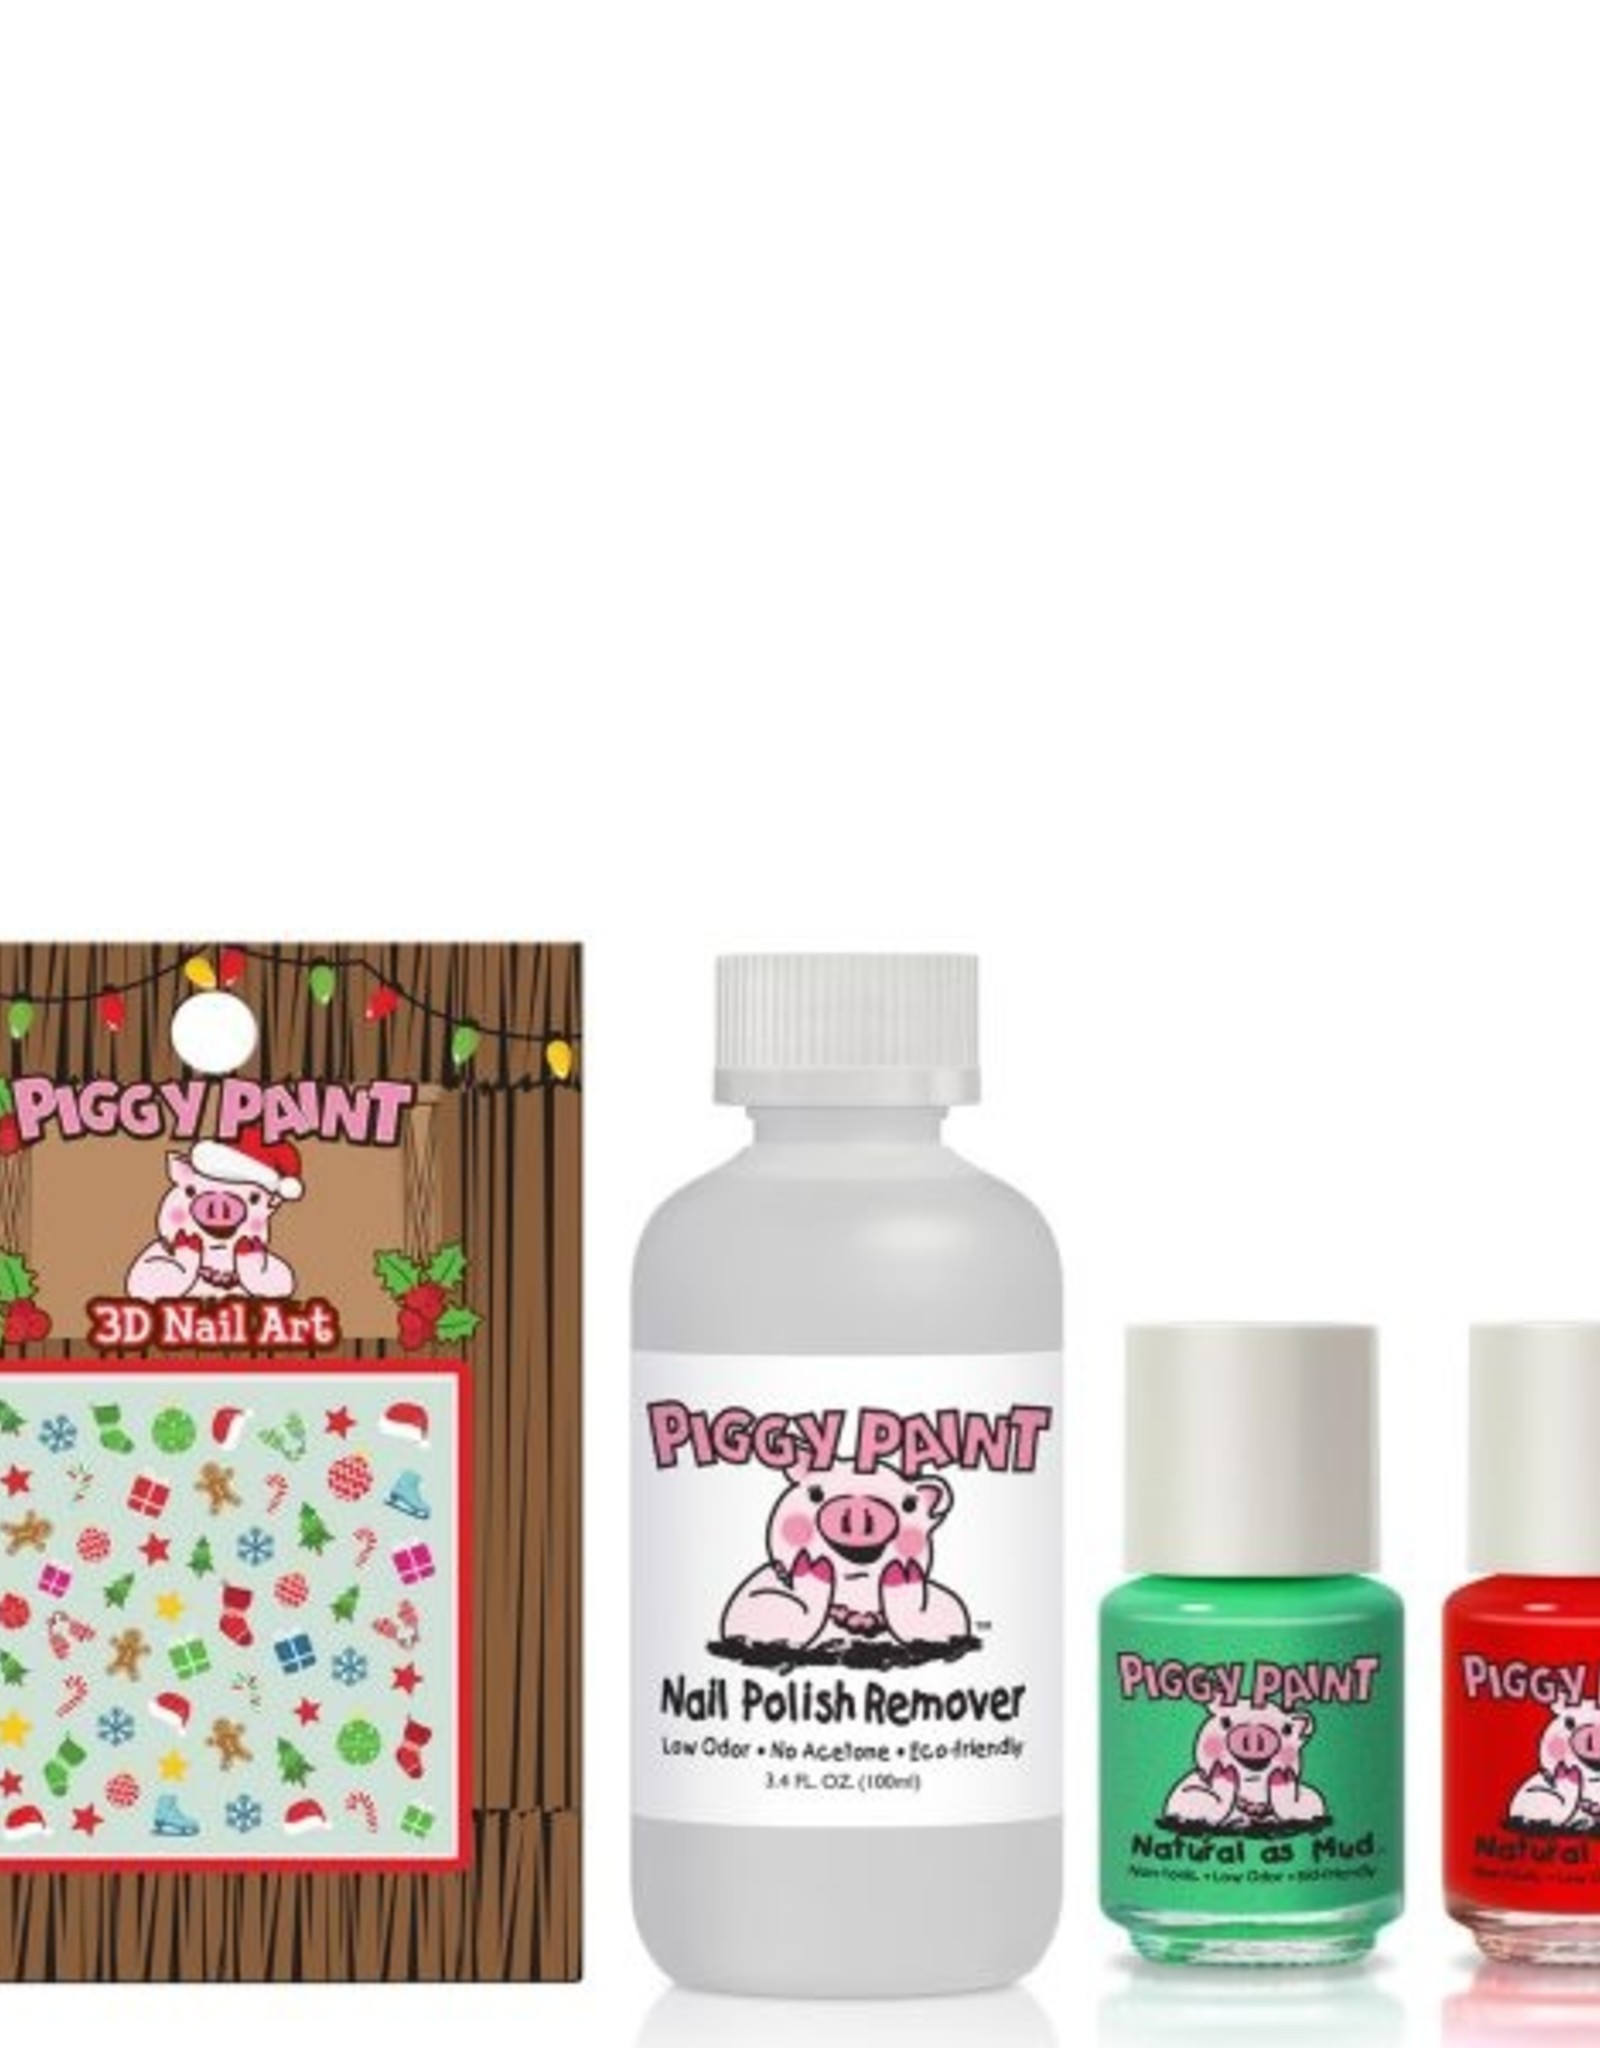 Piggy Paint Piggy Paint Oh Holly Jolly Gift Set